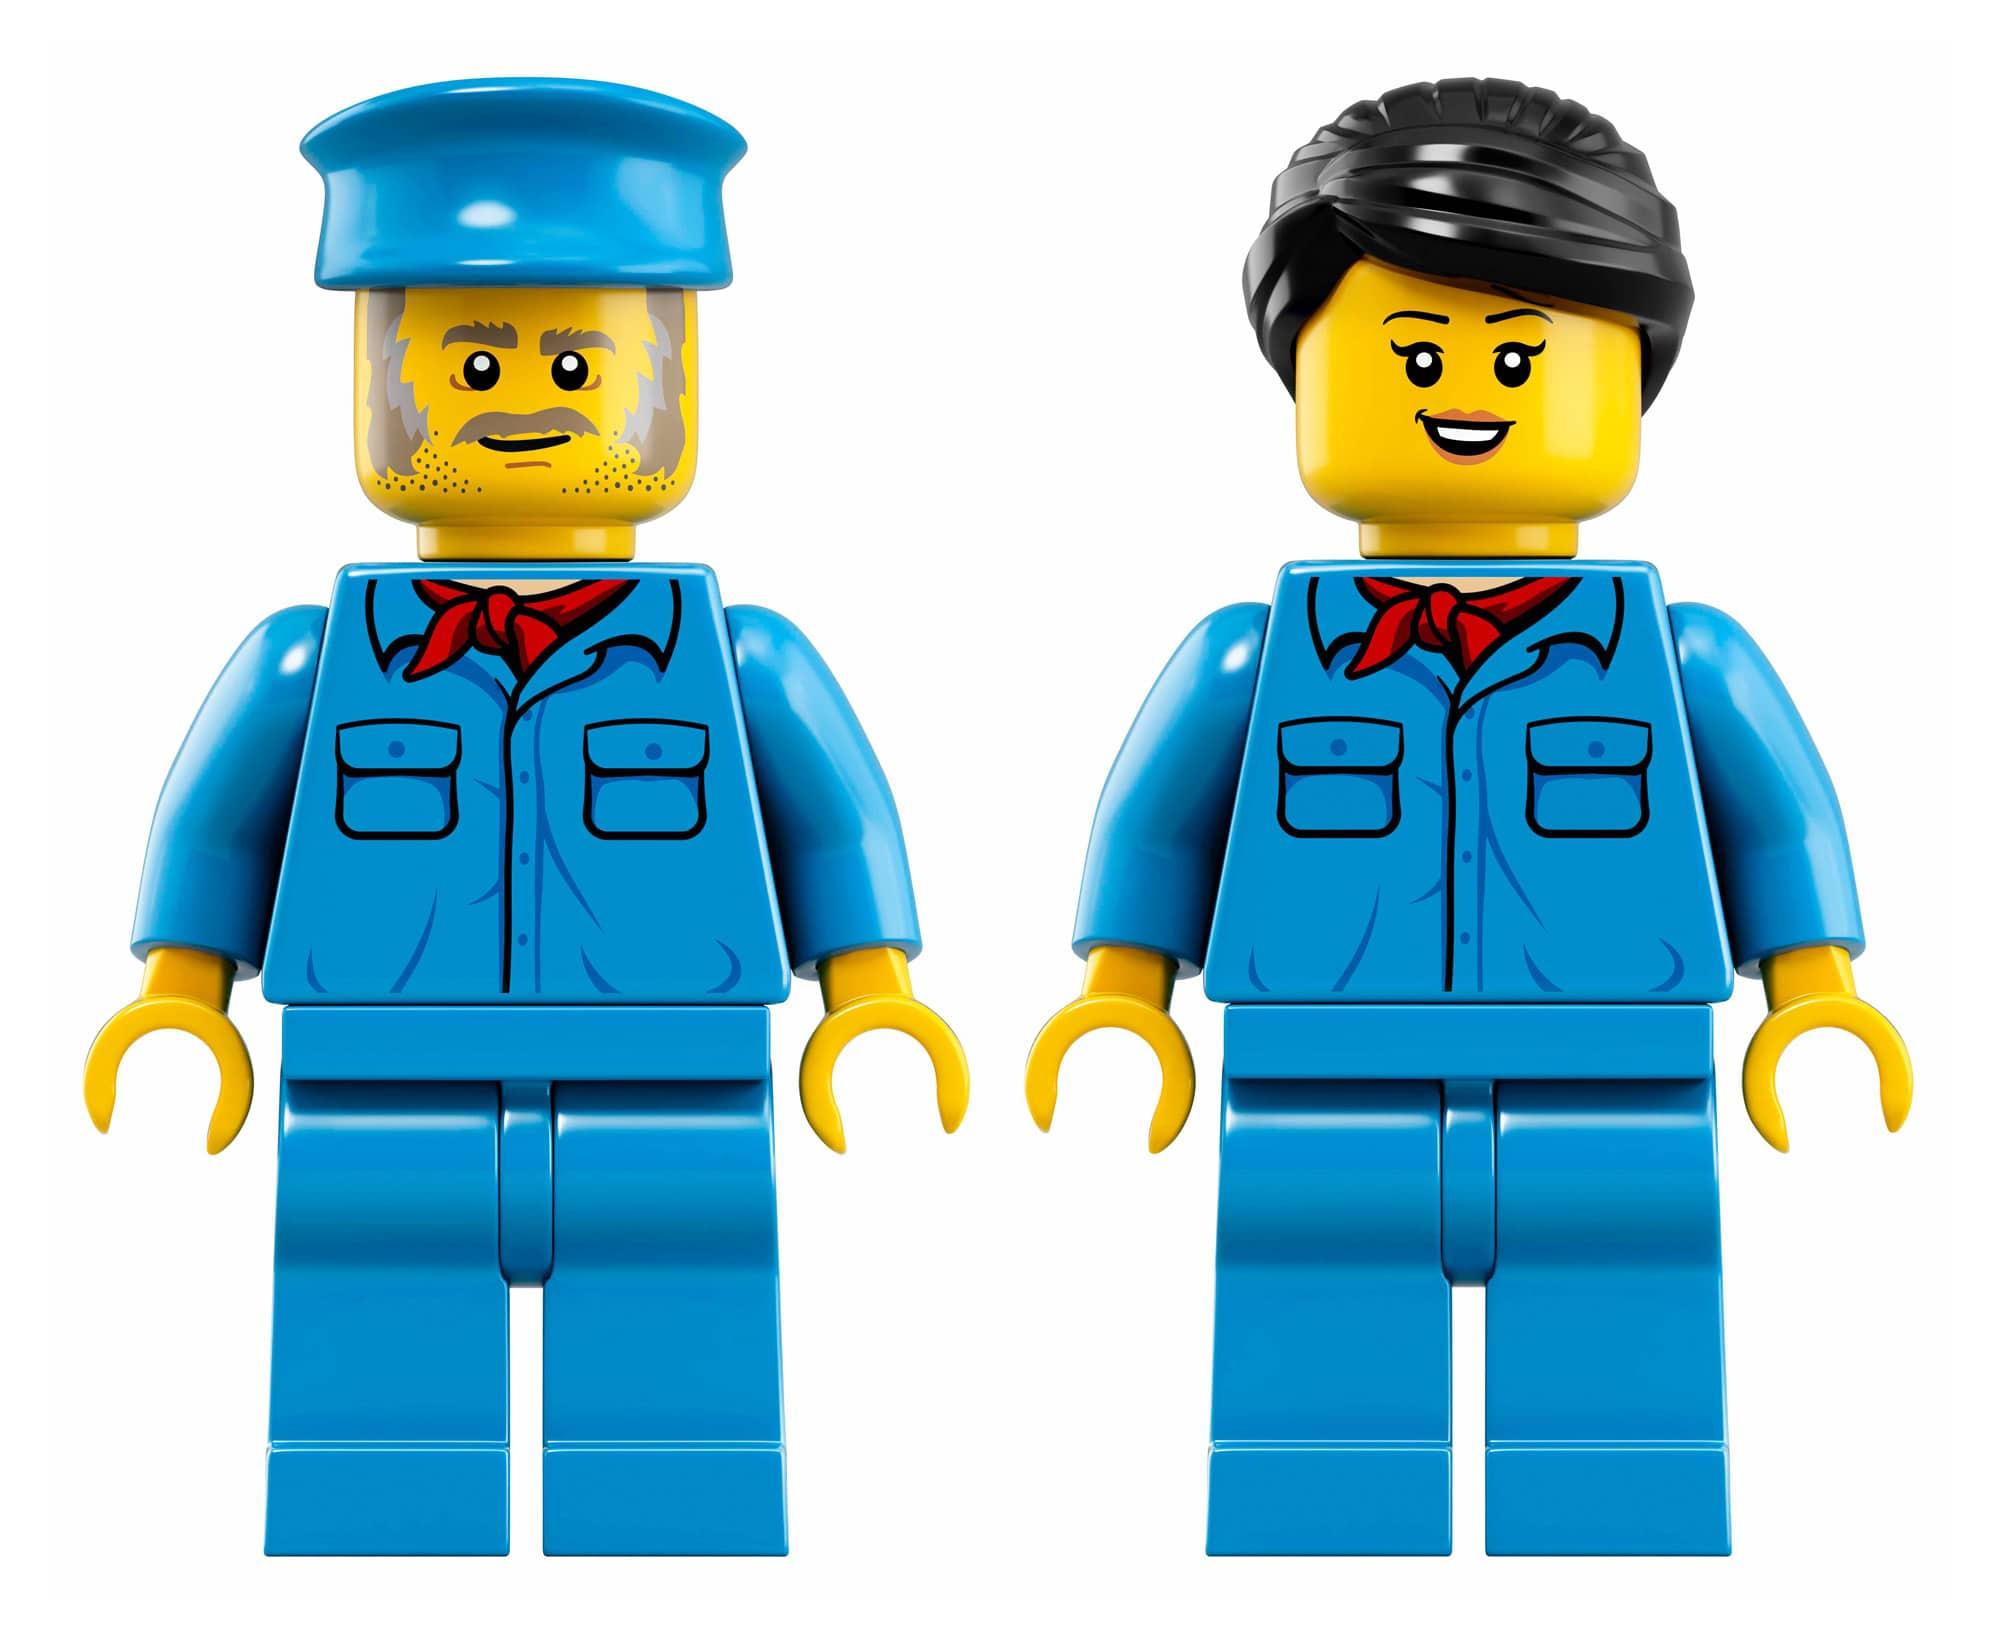 LEGO 10277 Krokodil Lokomotive Minifiguren